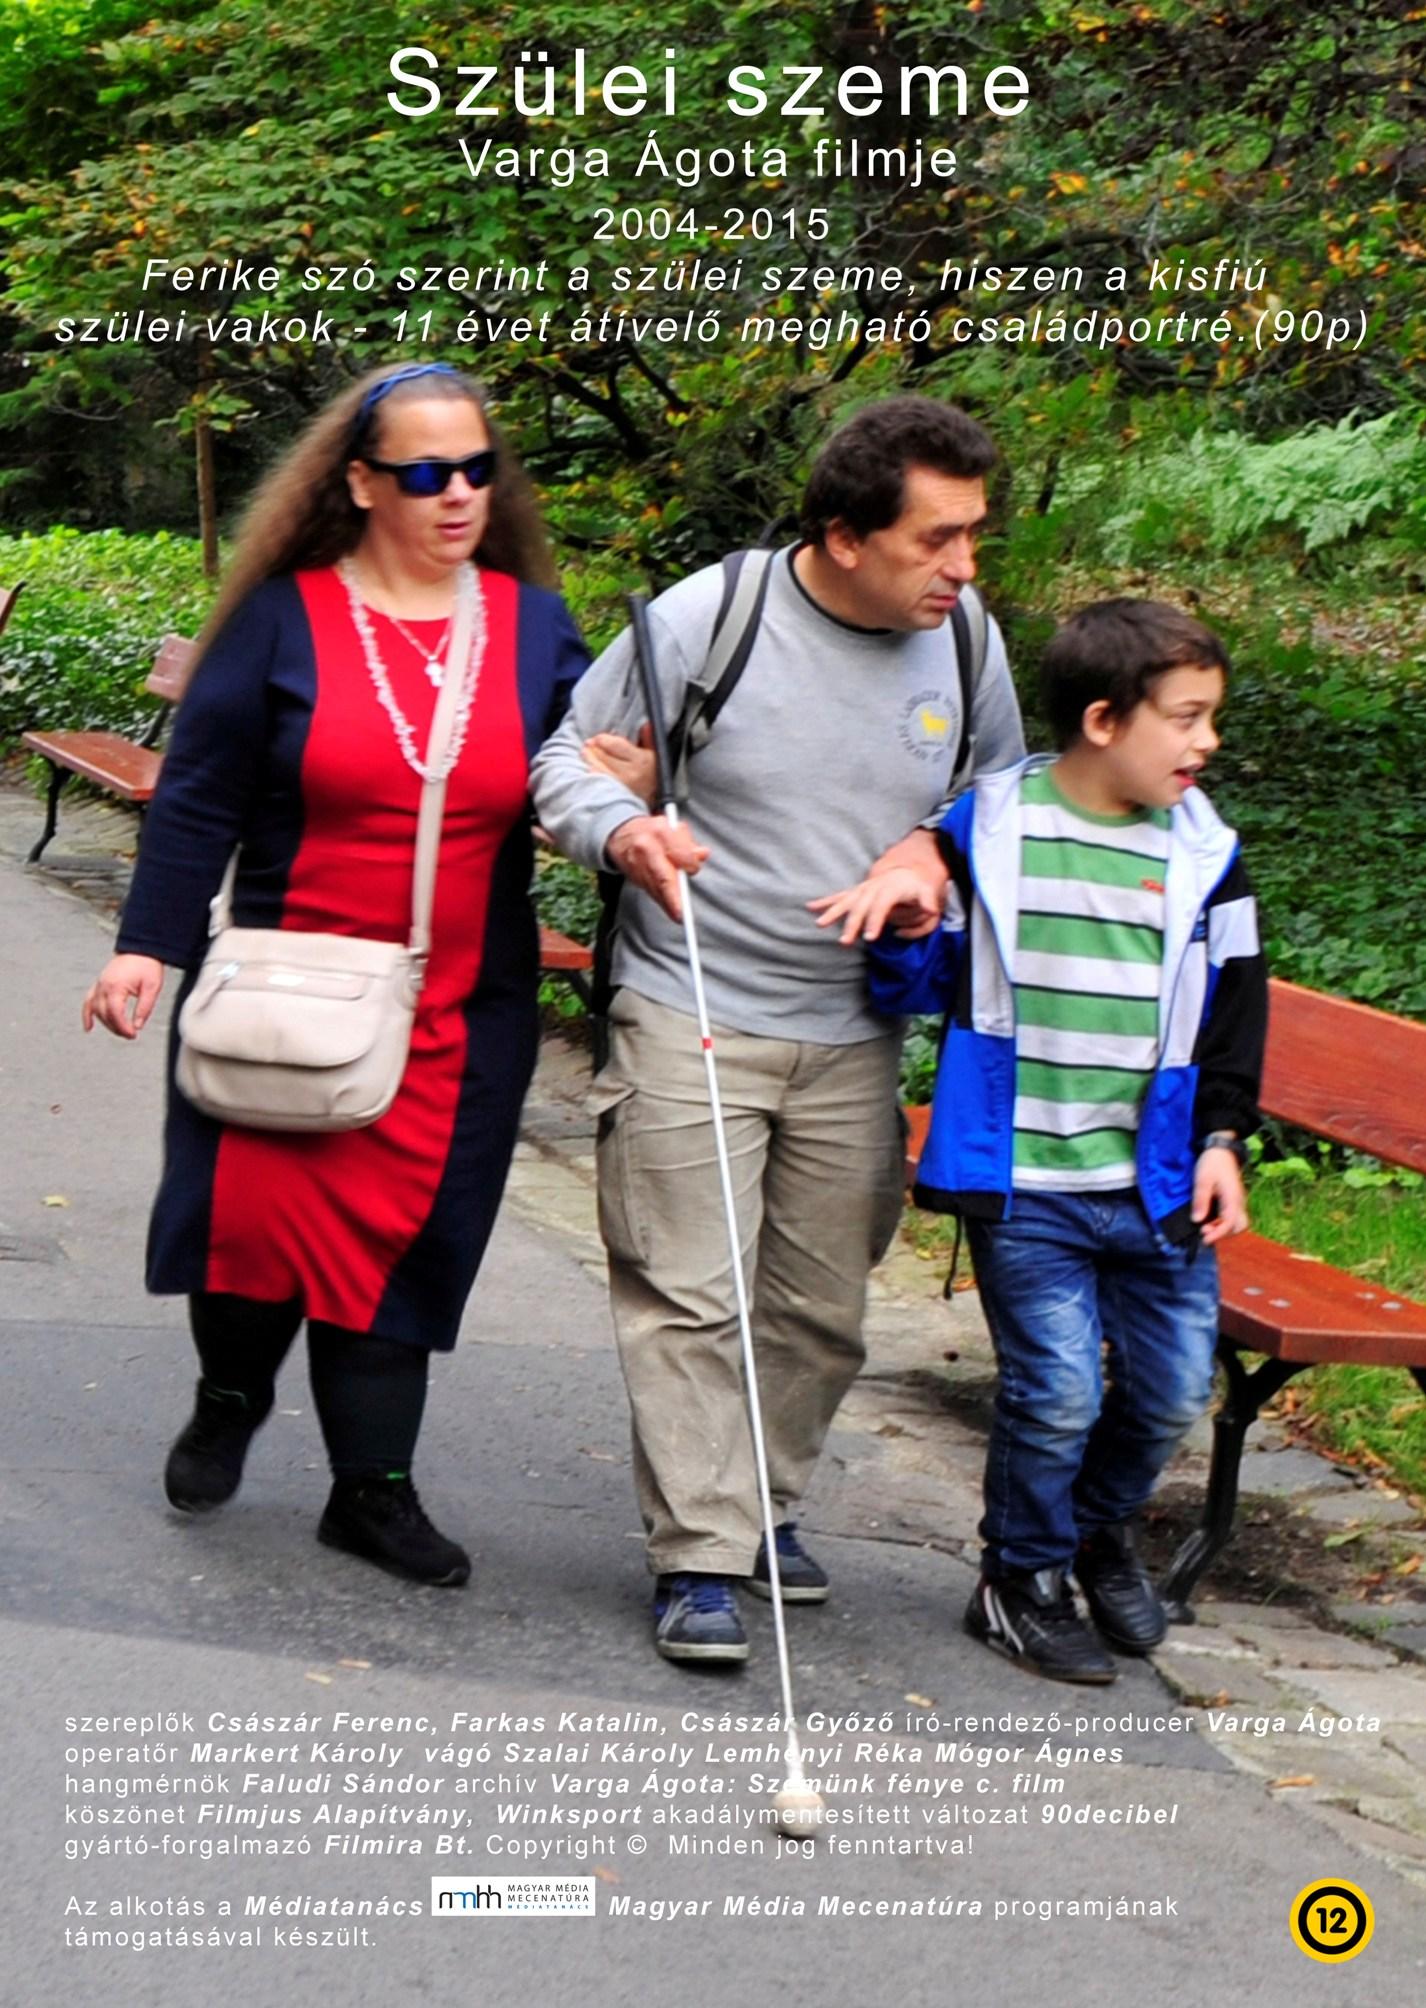 Varga Ágota dokumentum filmjeiből: Szülei szeme